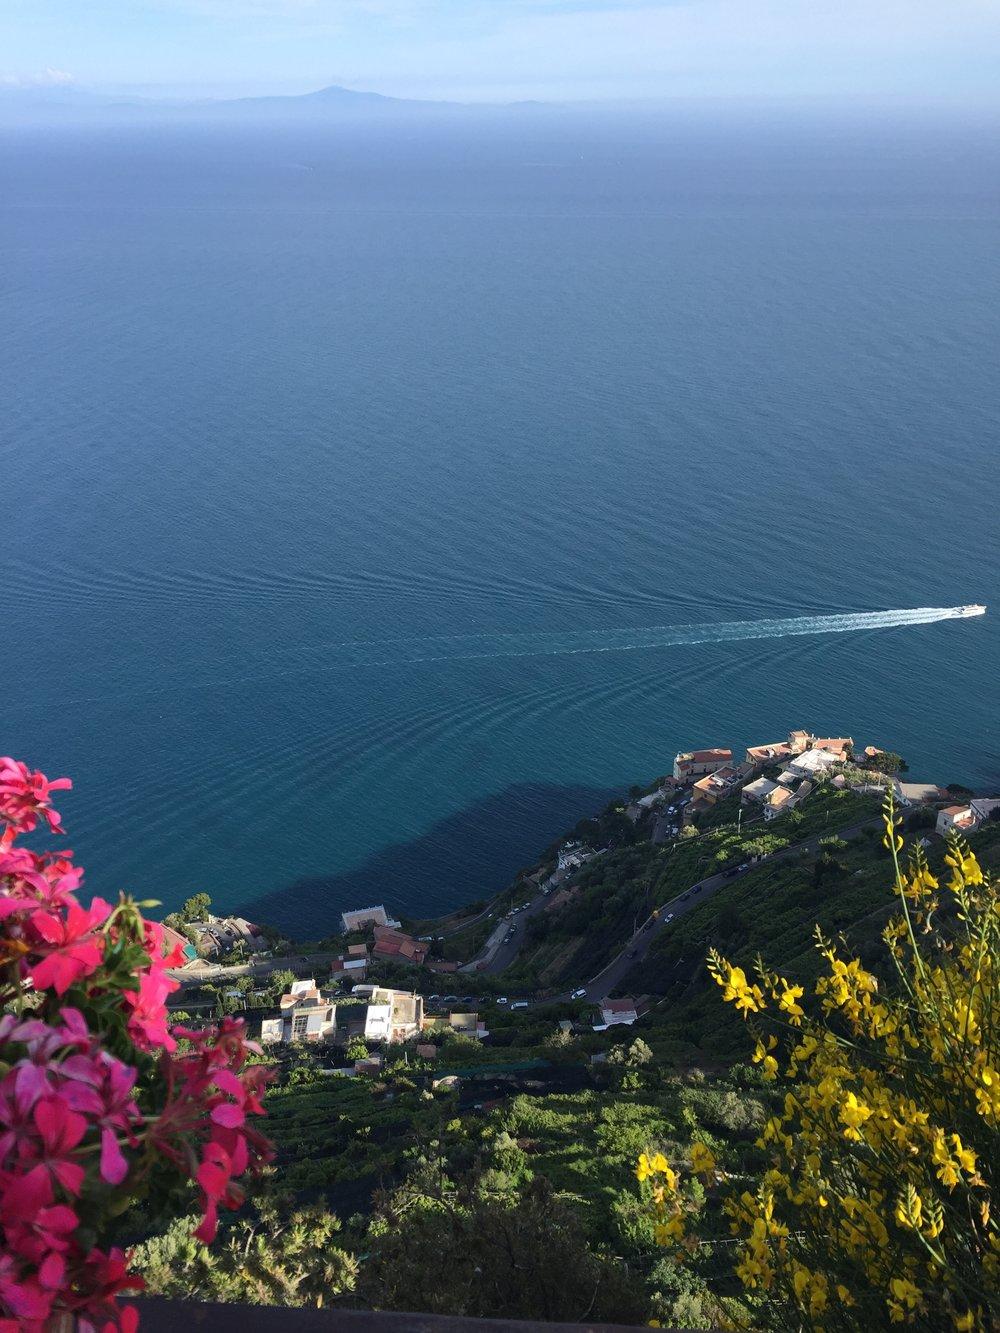 Boats skimming the Positano coast EAT.PRAY.MOVE Yoga Retreats | Amalfi Coast, Italy